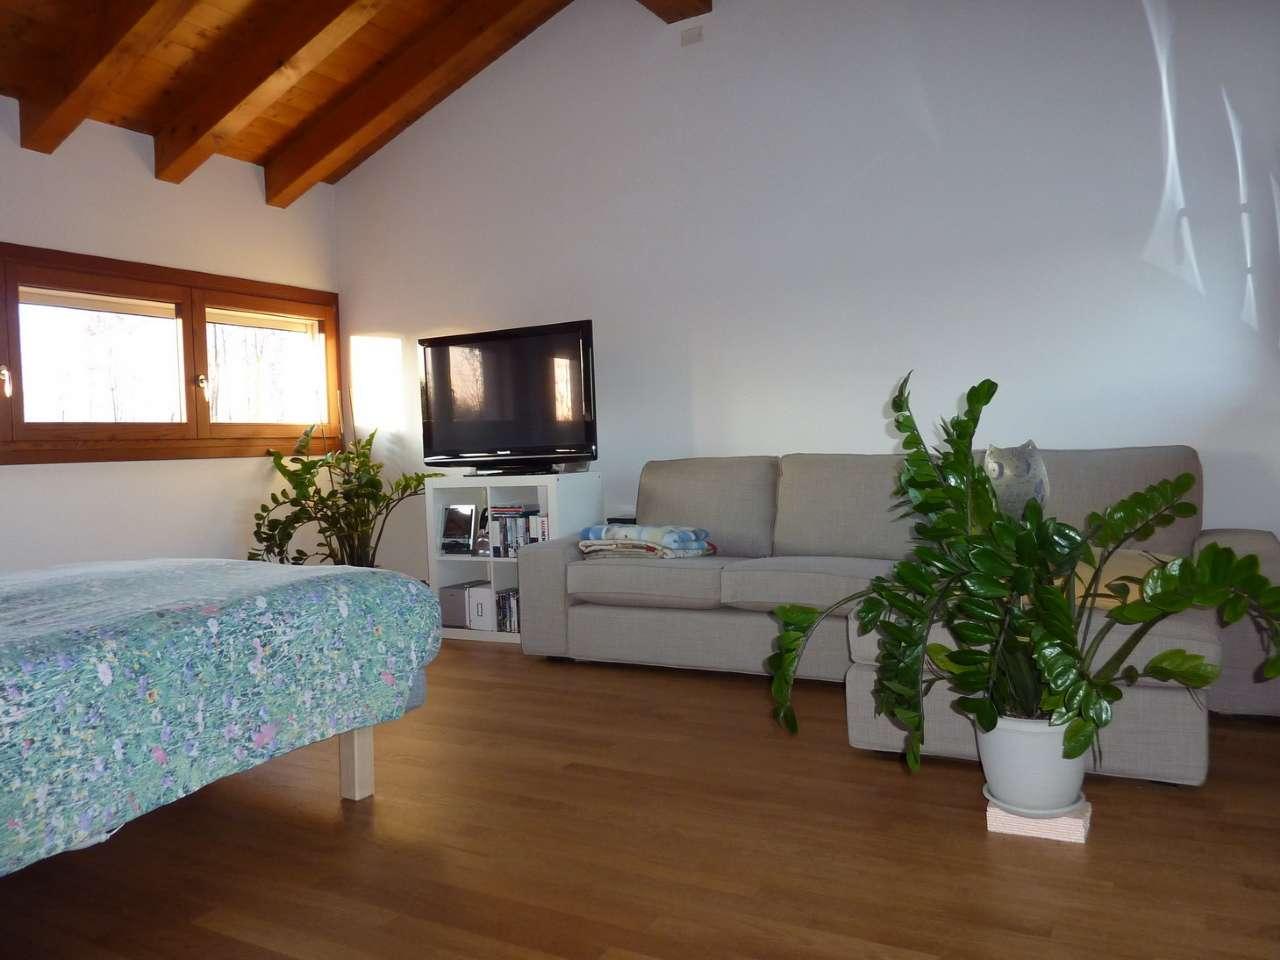 Soluzione Semindipendente in affitto a Povegliano, 6 locali, prezzo € 900 | Cambio Casa.it